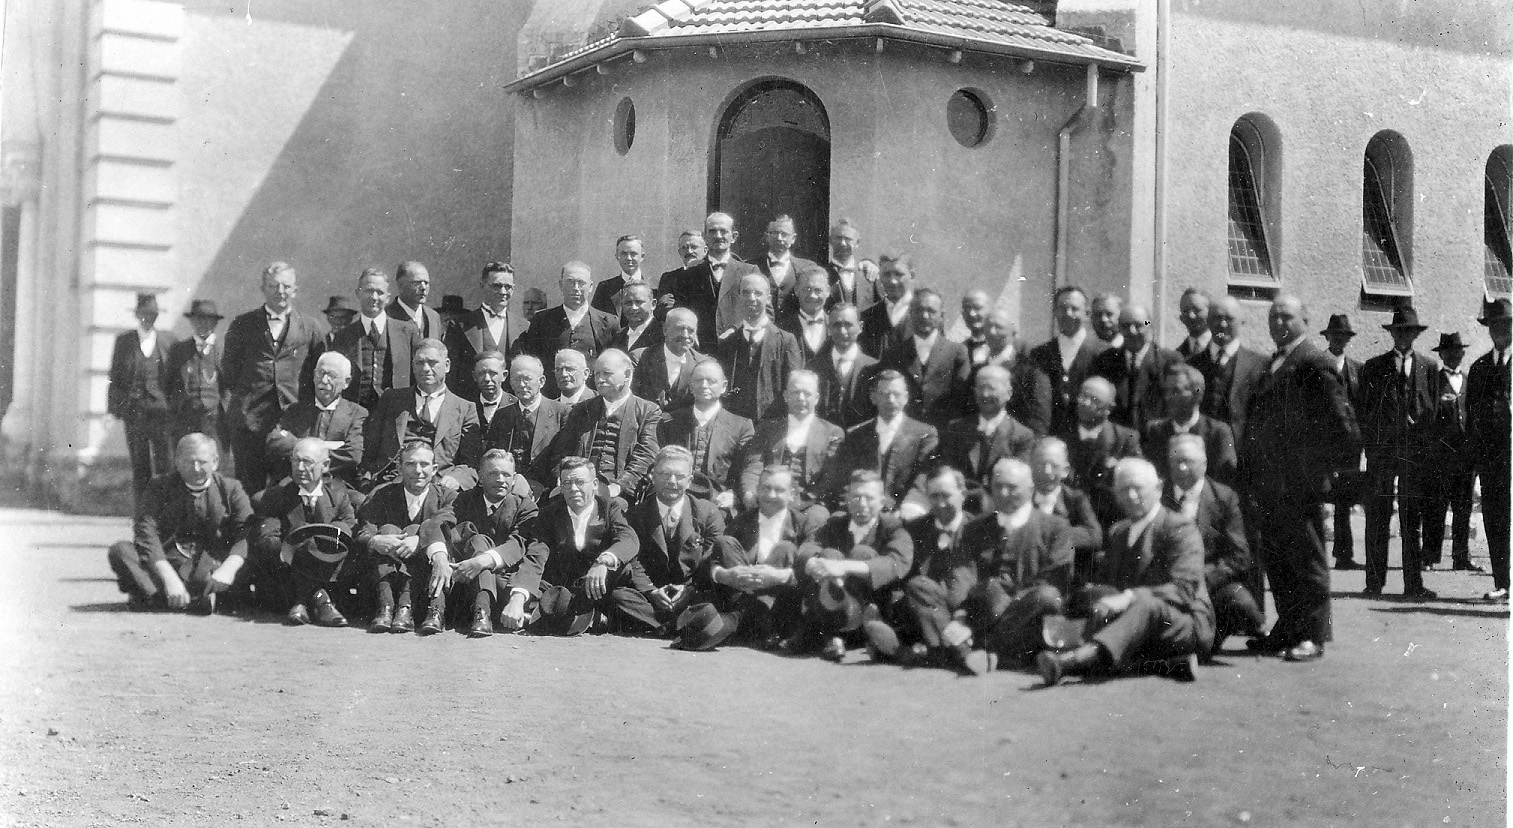 Algemene_Sinode_van_die_Gereformeerde_Kerk,_Bethulie,_1936